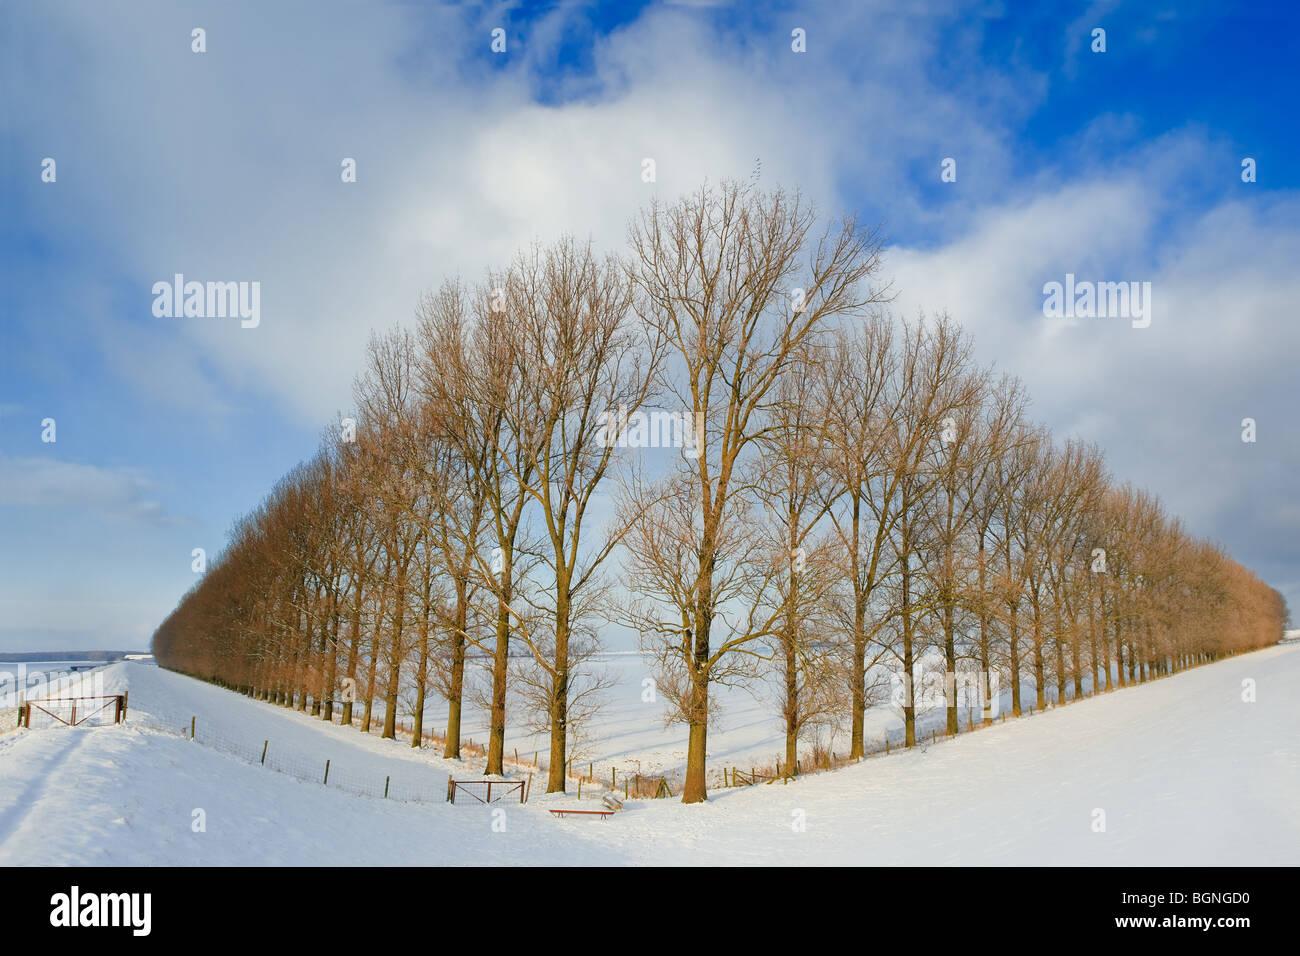 La composition avec arbres de la Johannes Kerkhovenpolder près de Woldendorp, province de Groningue, Pays-Bas Banque D'Images